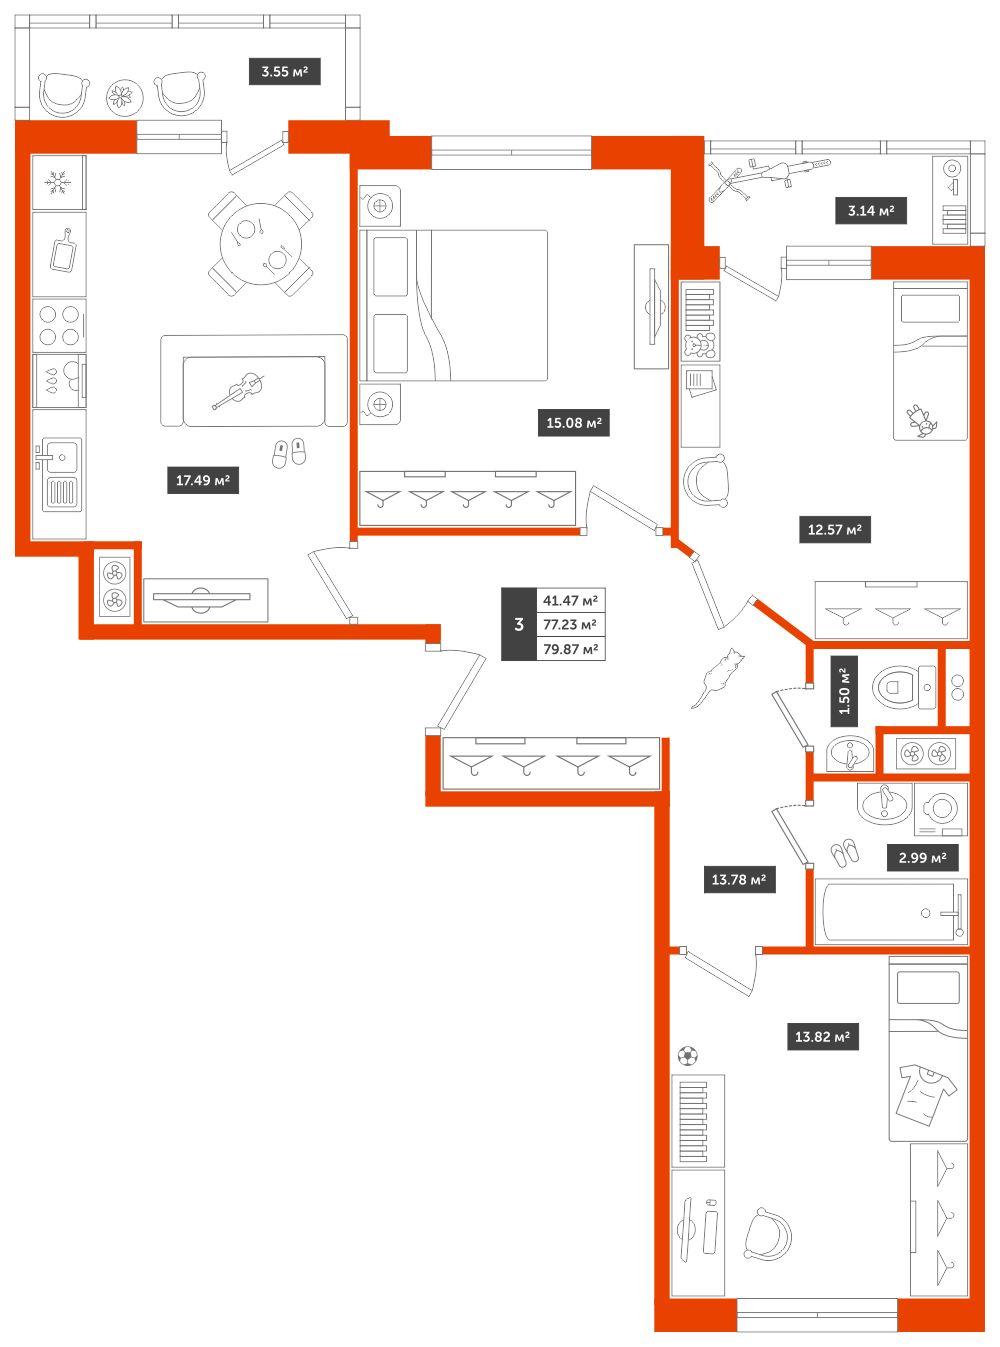 3-комнатная квартира, 79.87м² за 6,3 млн руб.